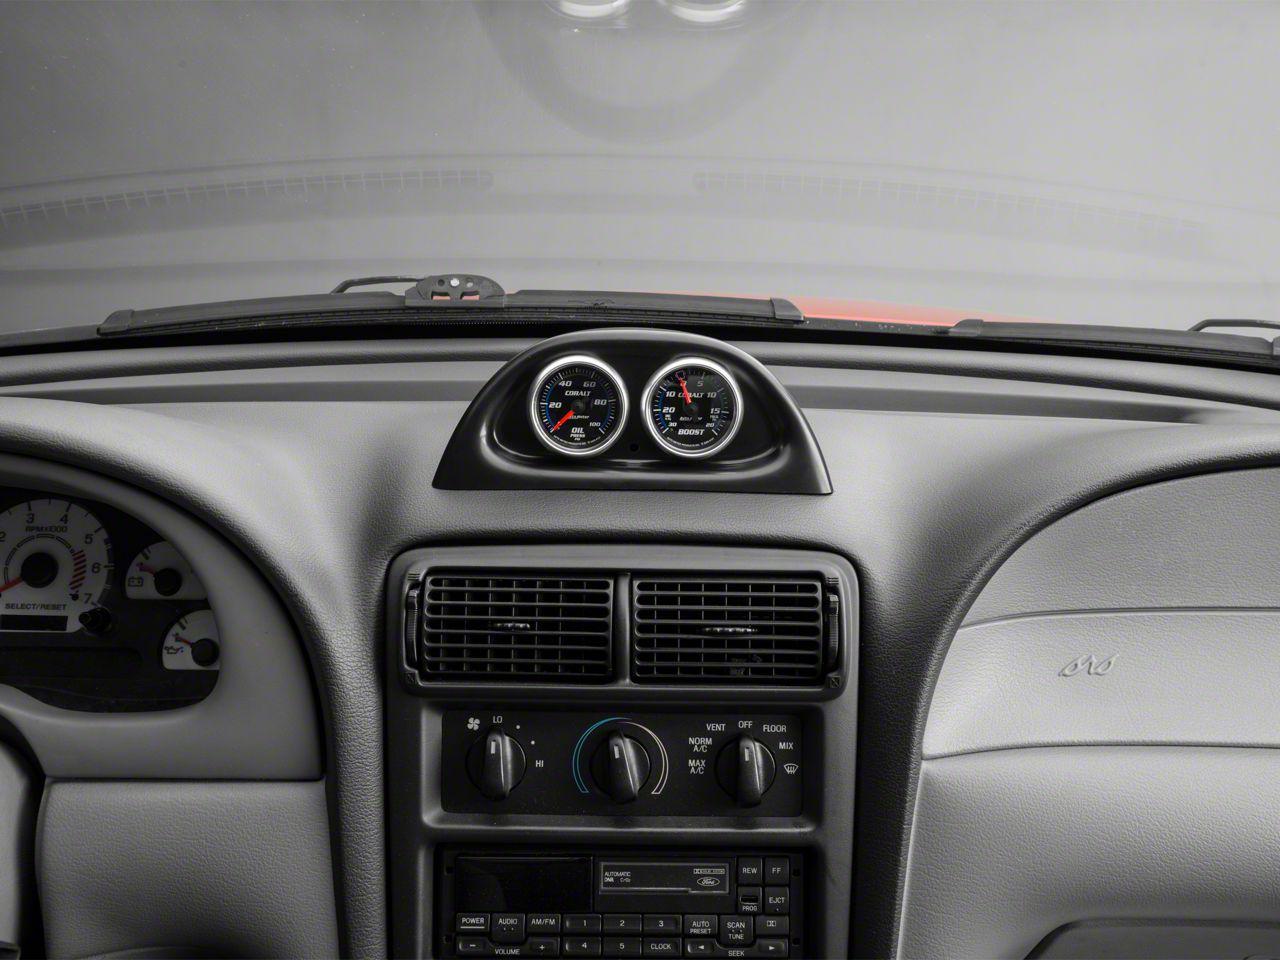 Auto Meter Dash Top Gauge Pod - Dual 2-1/16 in. (94-04 All)